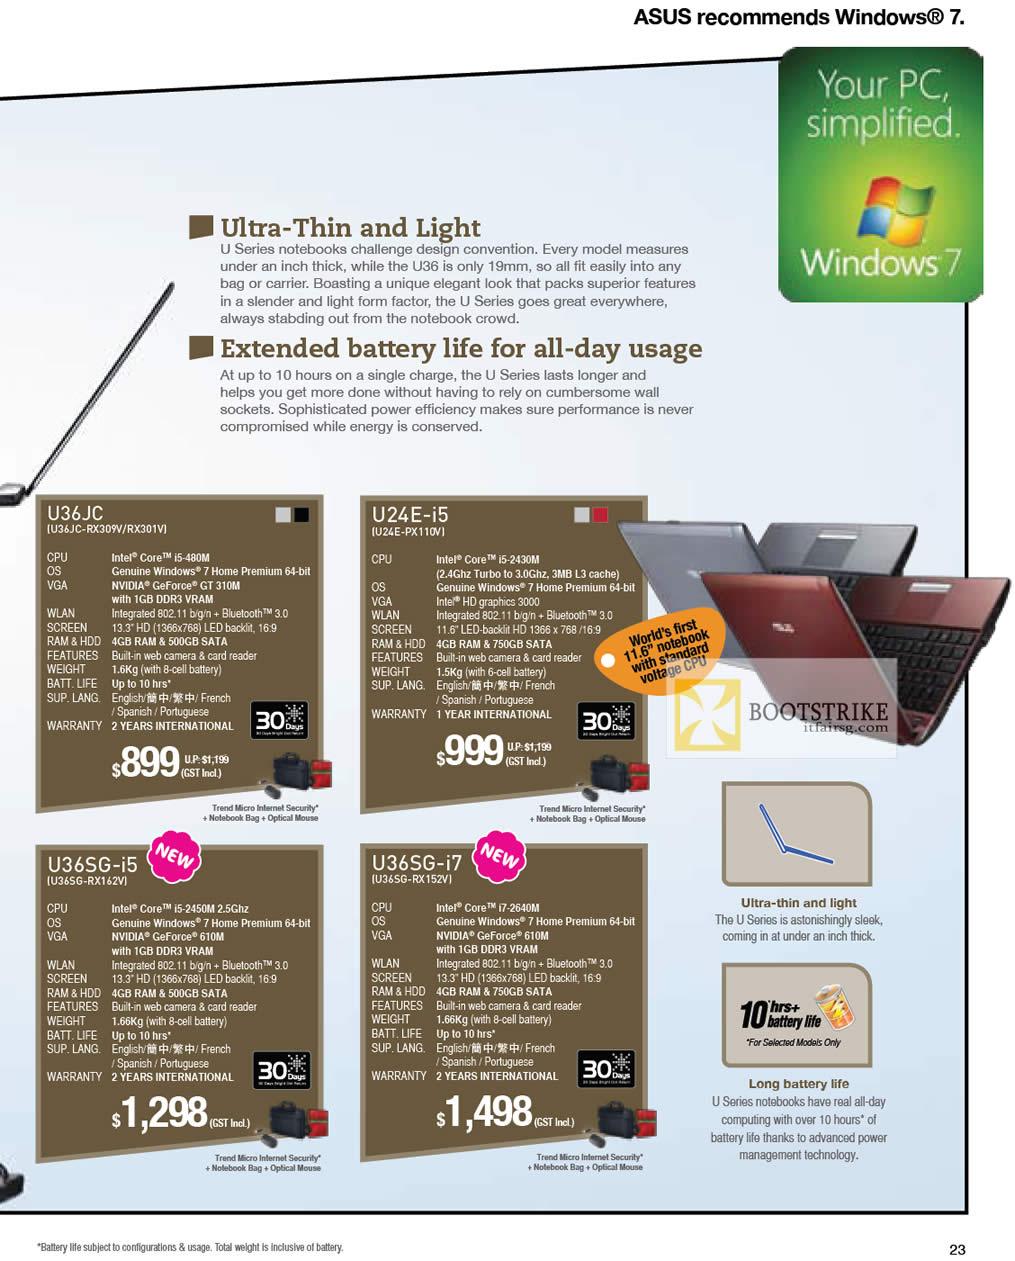 IT SHOW 2012 price list image brochure of ASUS Notebooks U Series Features U36JC-RX309V RX301V, U24E-PX110V, U36SG-RX162V, U36SG-RX152V